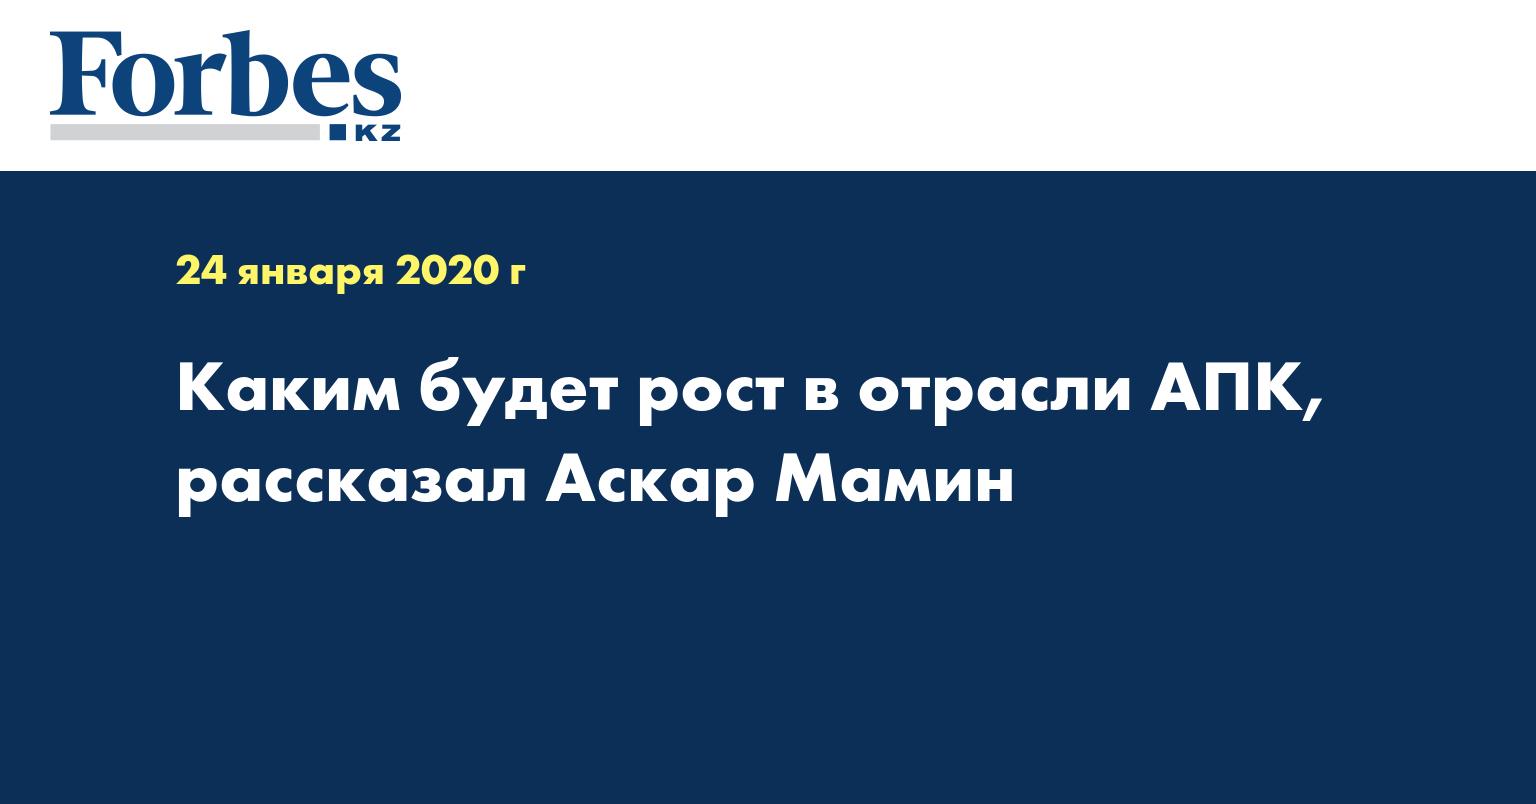 Каким будет рост в отрасли АПК, рассказал Аскар Мамин